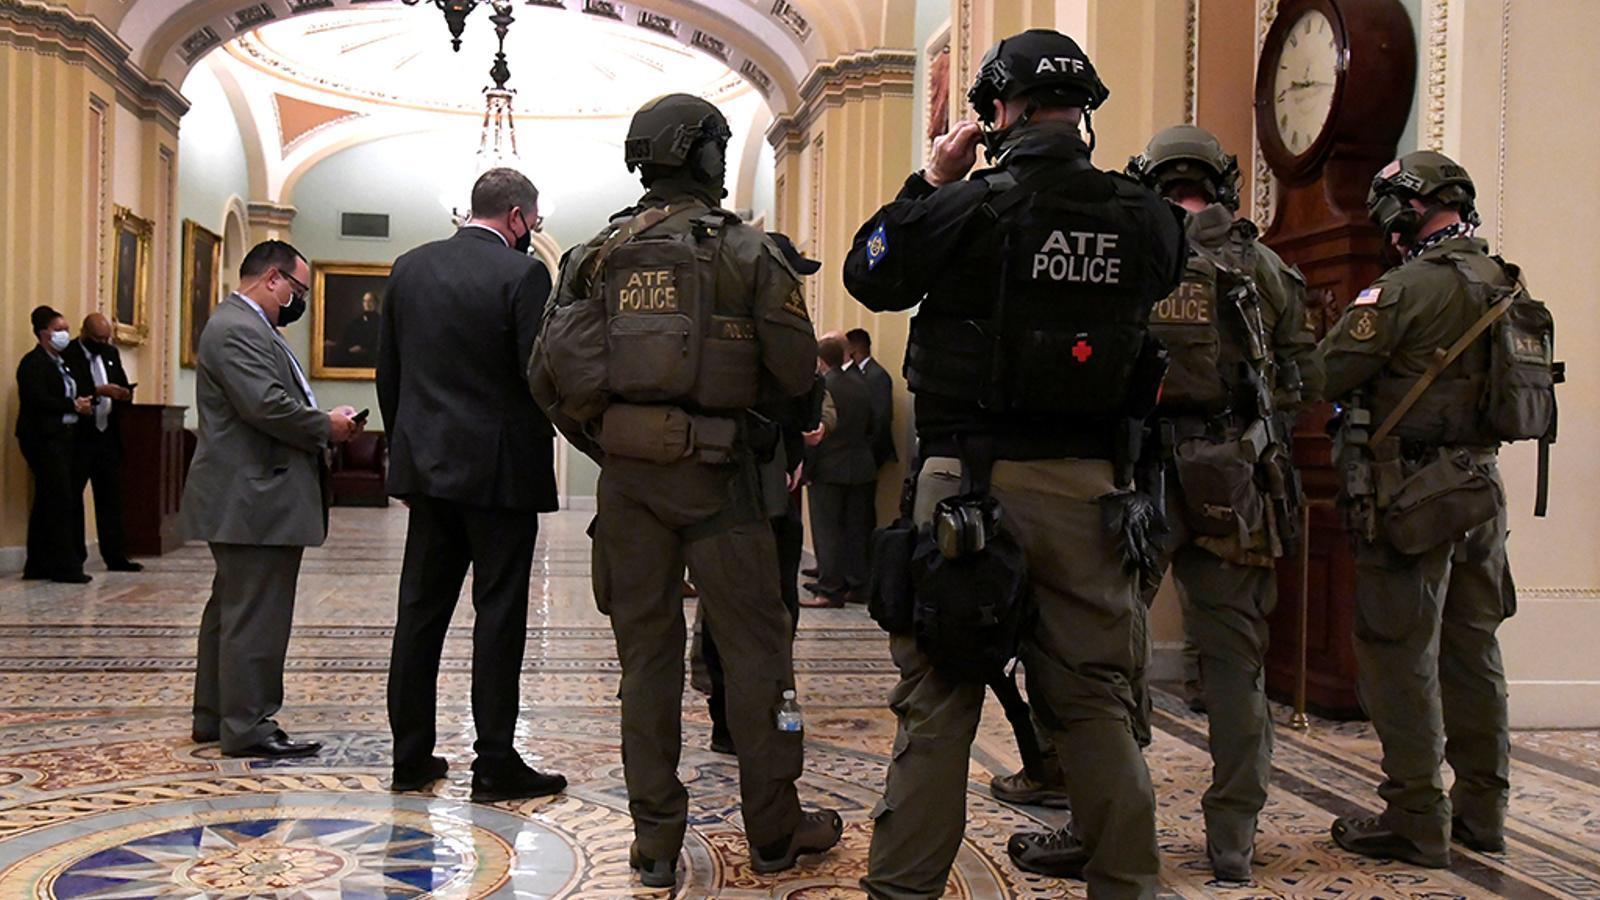 La sessió de ratificació de vots al Senat es reprèn després de l'atac, durant més de 6 hores, dels seguidors de Donald Trump al Capitoli dels Estats Units